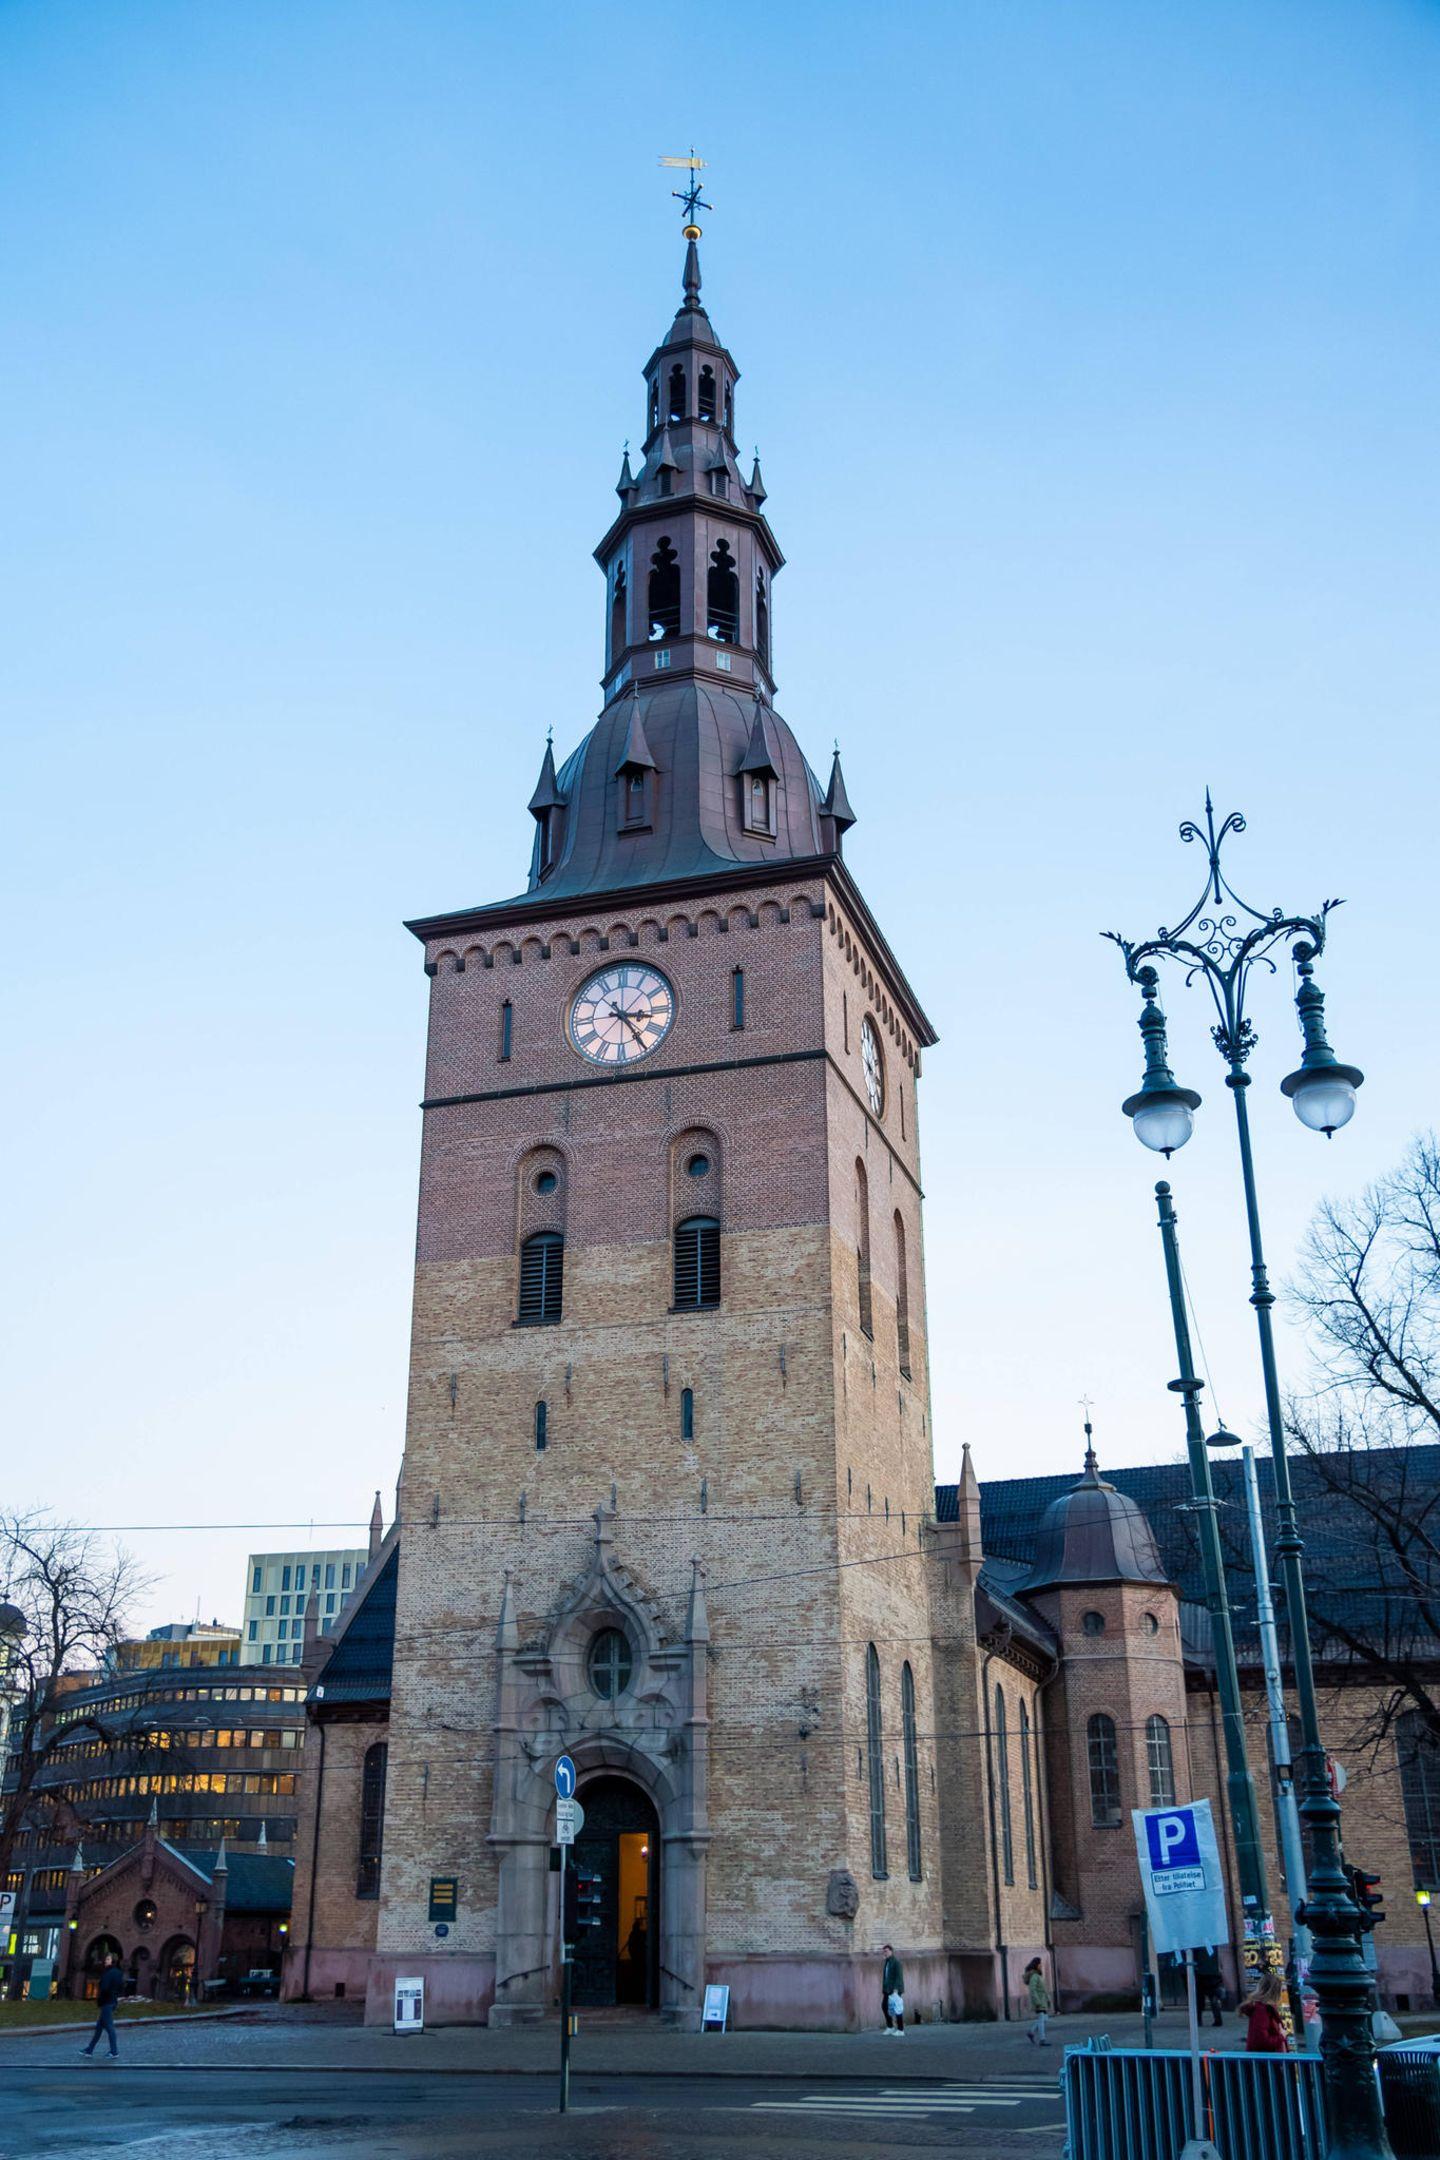 Norwegen trauert: In der Domkirche von Oslo wird der am 25. Dezember 2019 verstorbene Ari Behn am 3. Januar beigesetzt.